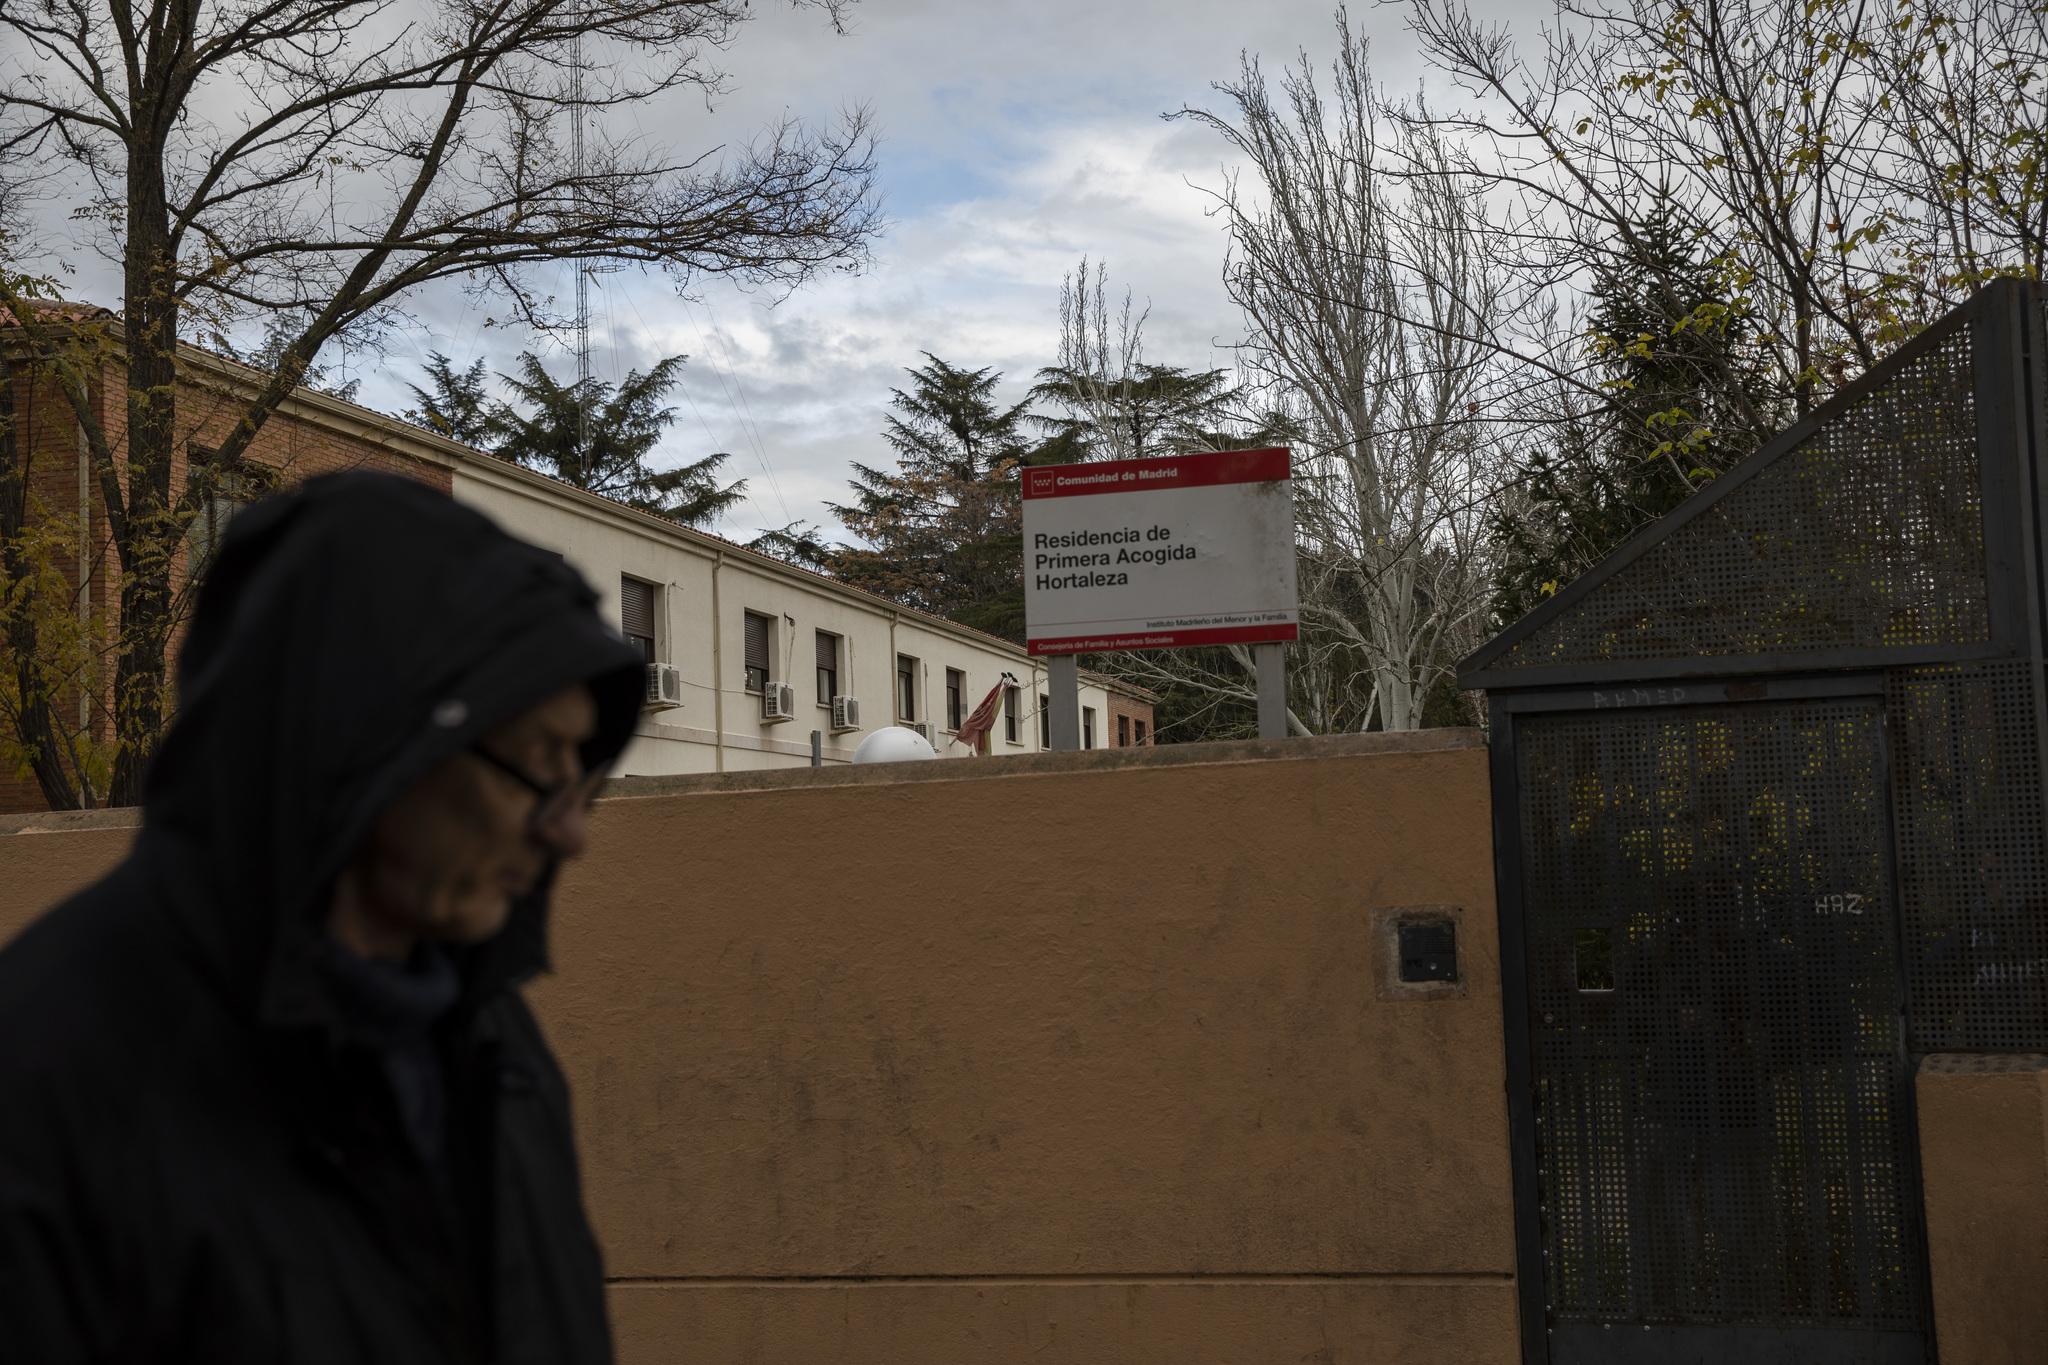 Madrid, 04 de diciembre de 2019. Los artificieros han detonado esta...